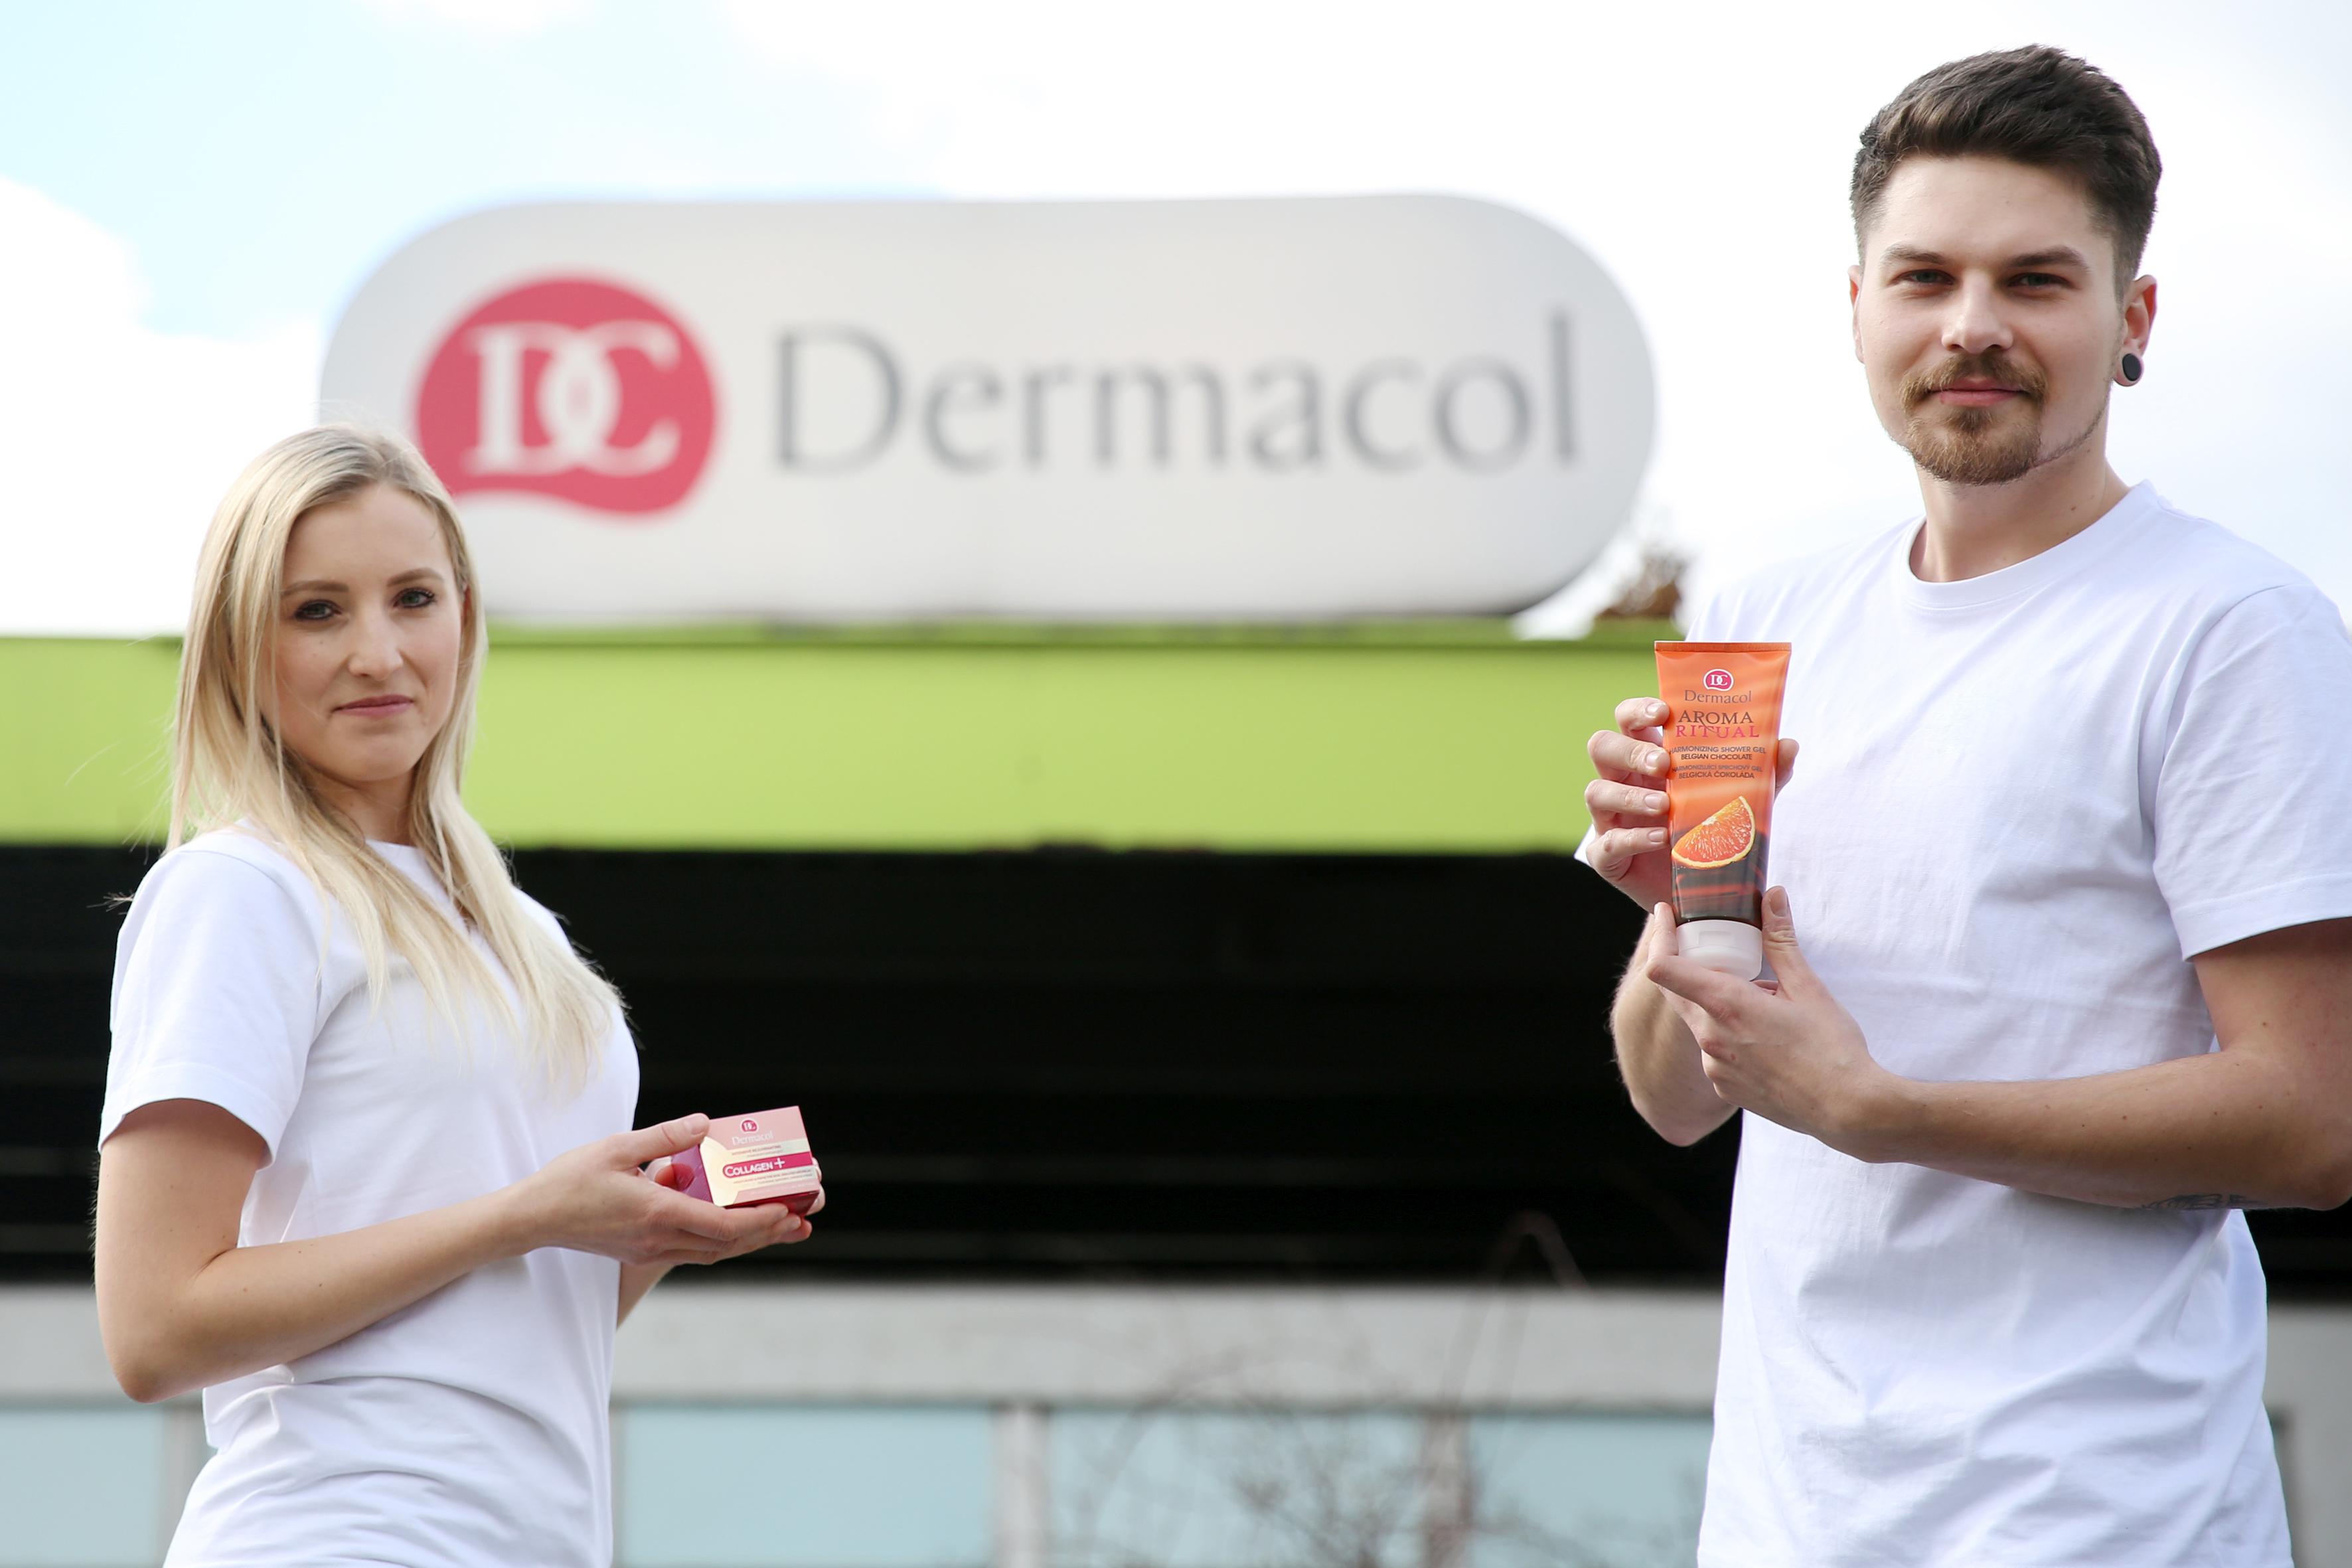 2_Většina kosmetiky Dermacol se dnes vyrábí v továrně v Brně Lesná _pracují tu i mladí laboranti Lucie a Jakub_foto Dermacol_Jiří Sláma_repro zdarma